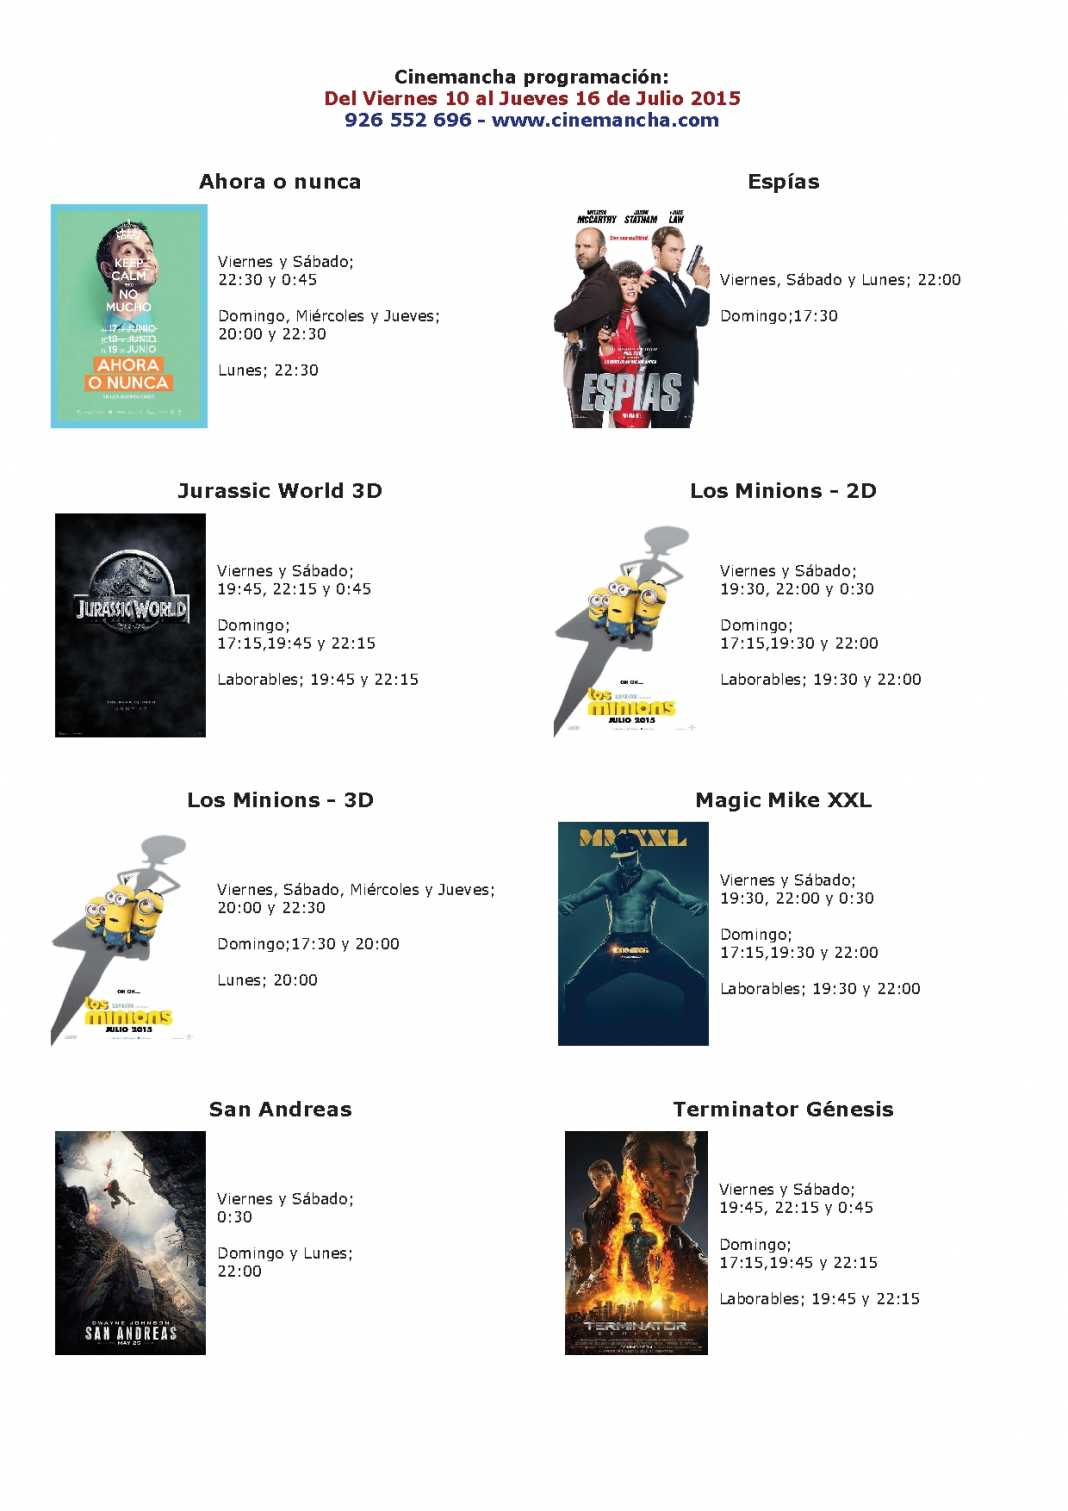 cartelera de multicines cinemancha del 10 al 16 de julio 1068x1511 - Cinemancha cartelera: Del 10 al 16 de Julio 2015